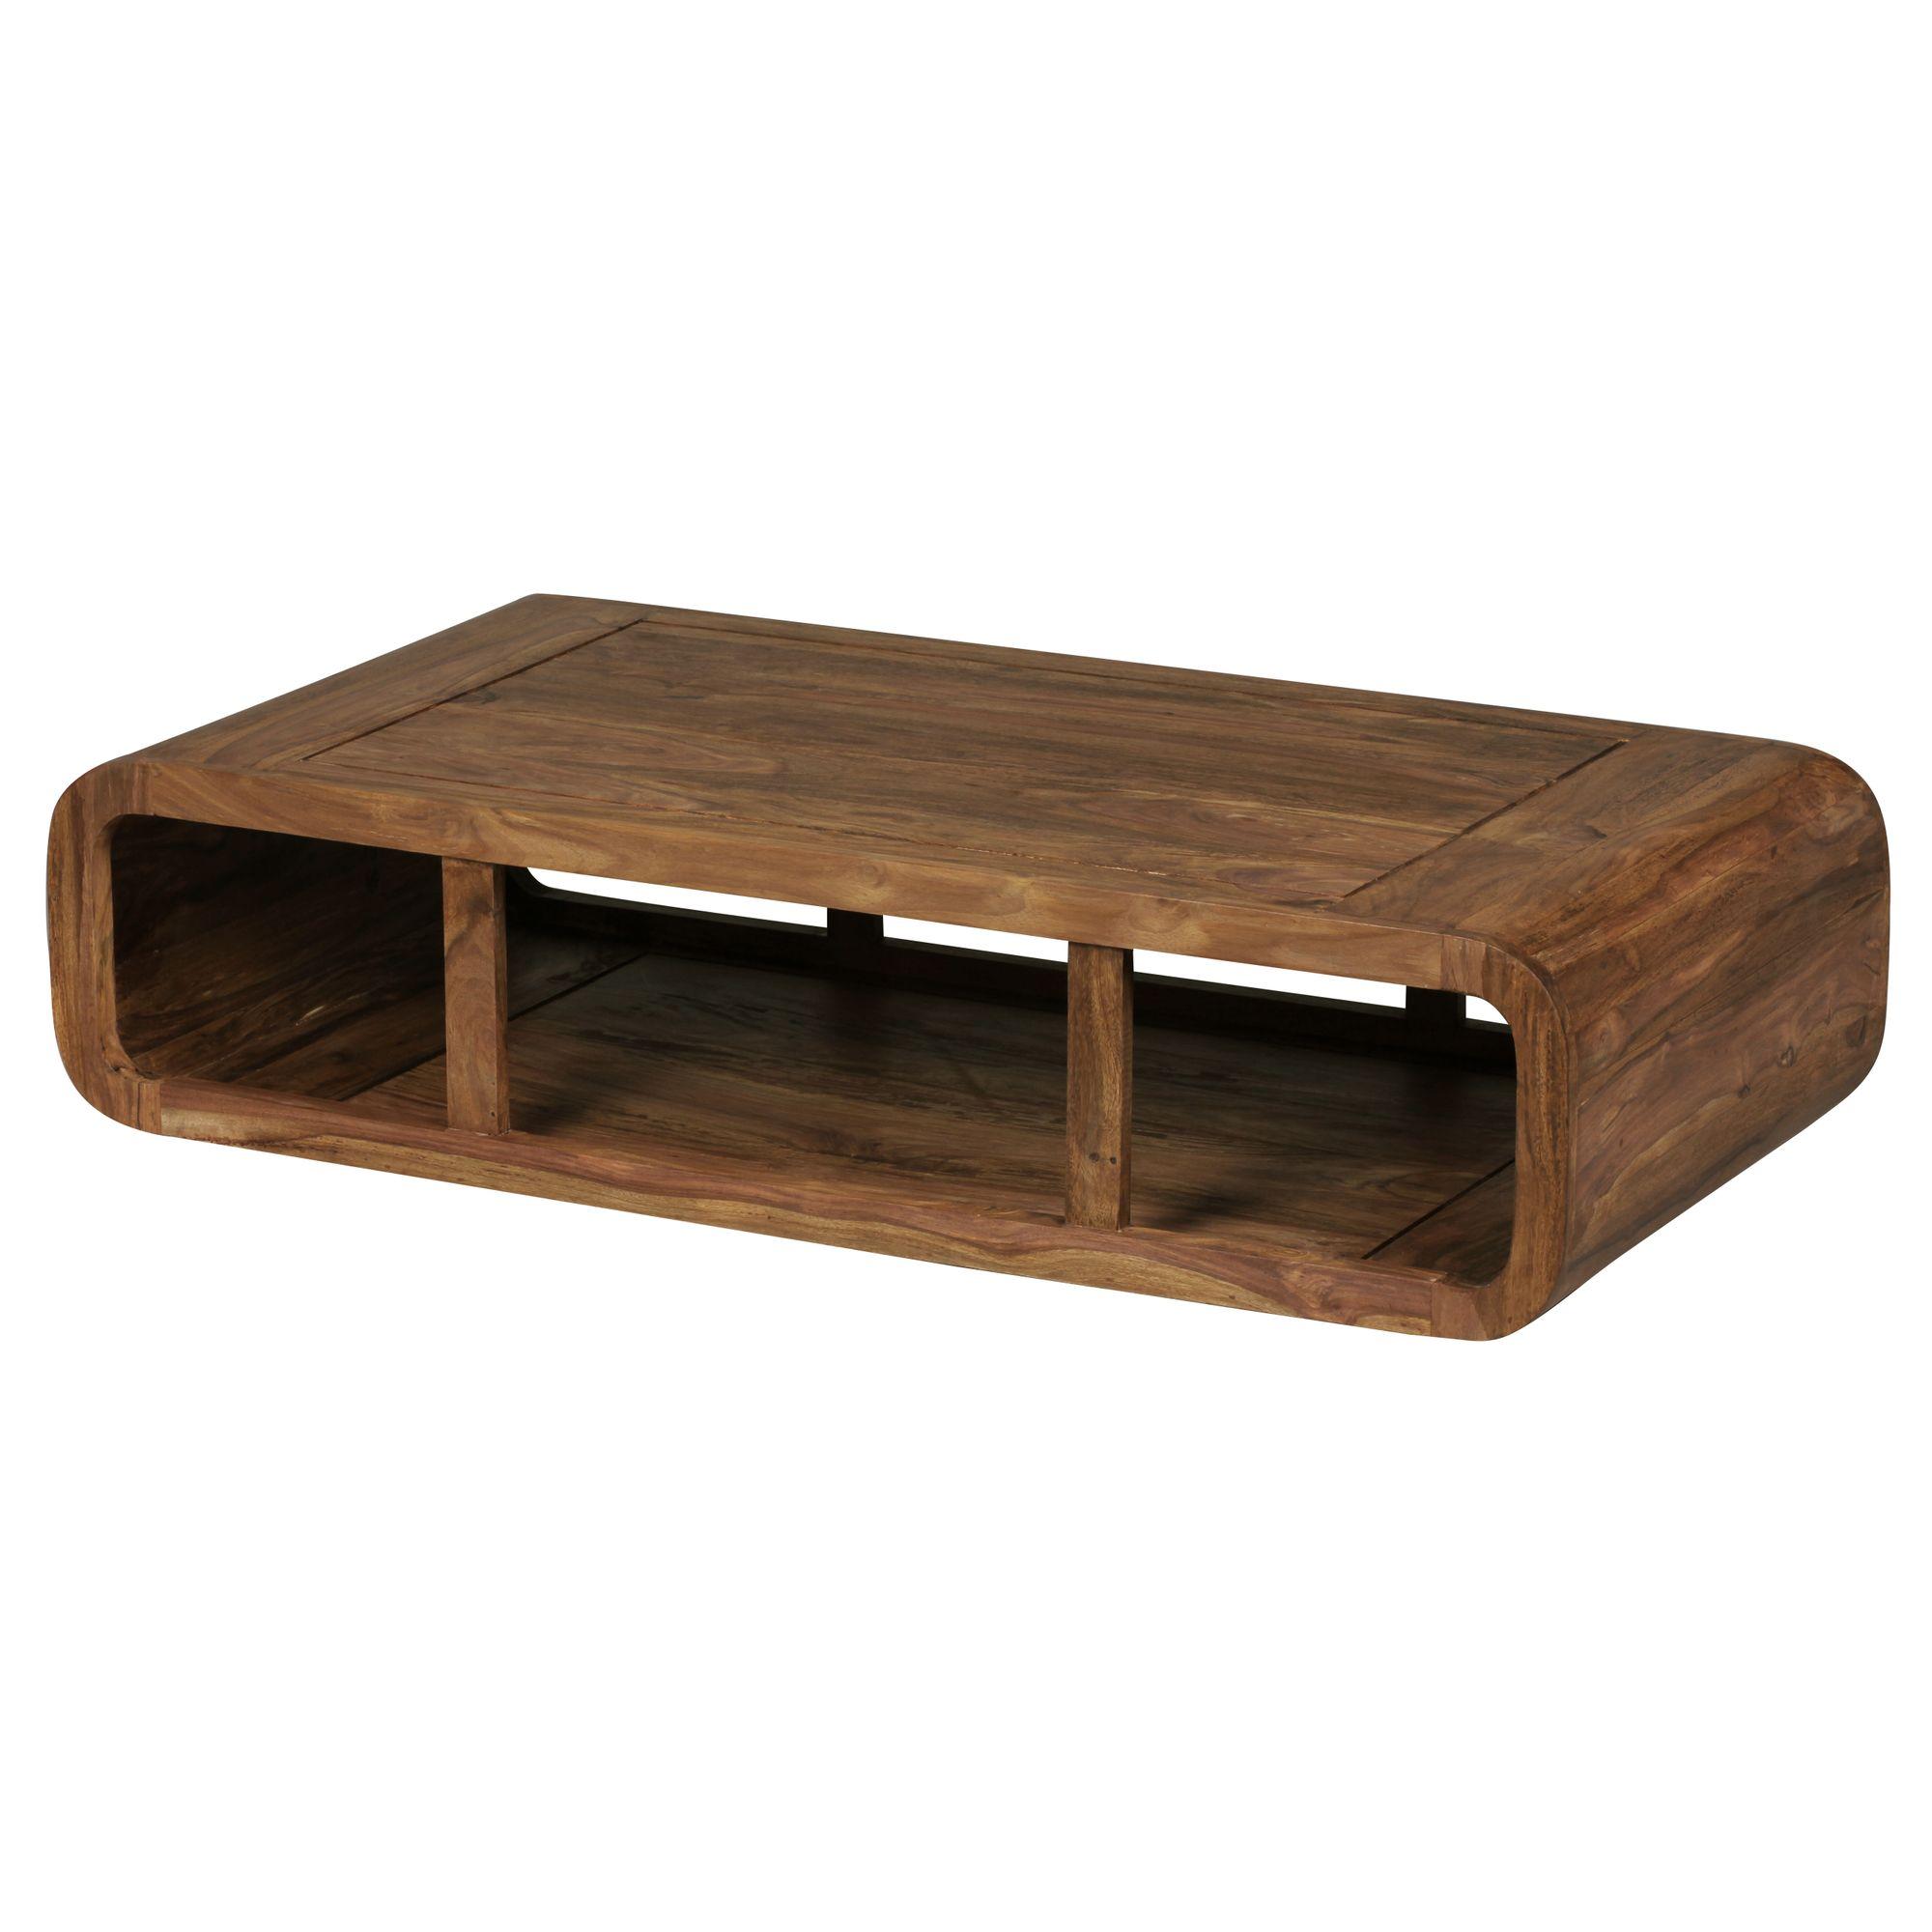 Massiver Couchtisch Holz Sheesham Wohnzimmertisch Ablage 120 Cm Tv